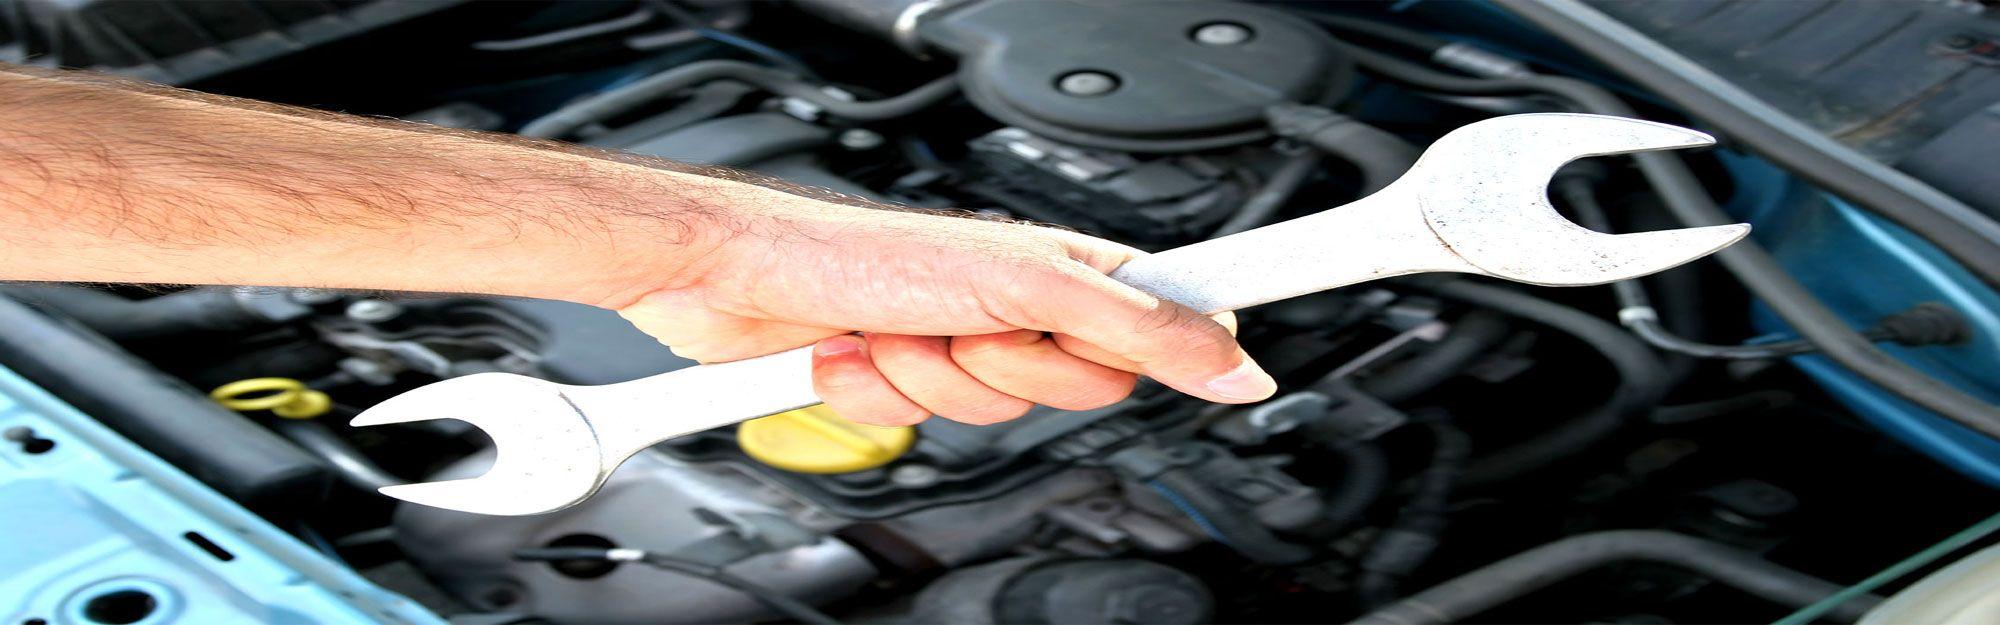 transmission repair calgary Repair manuals